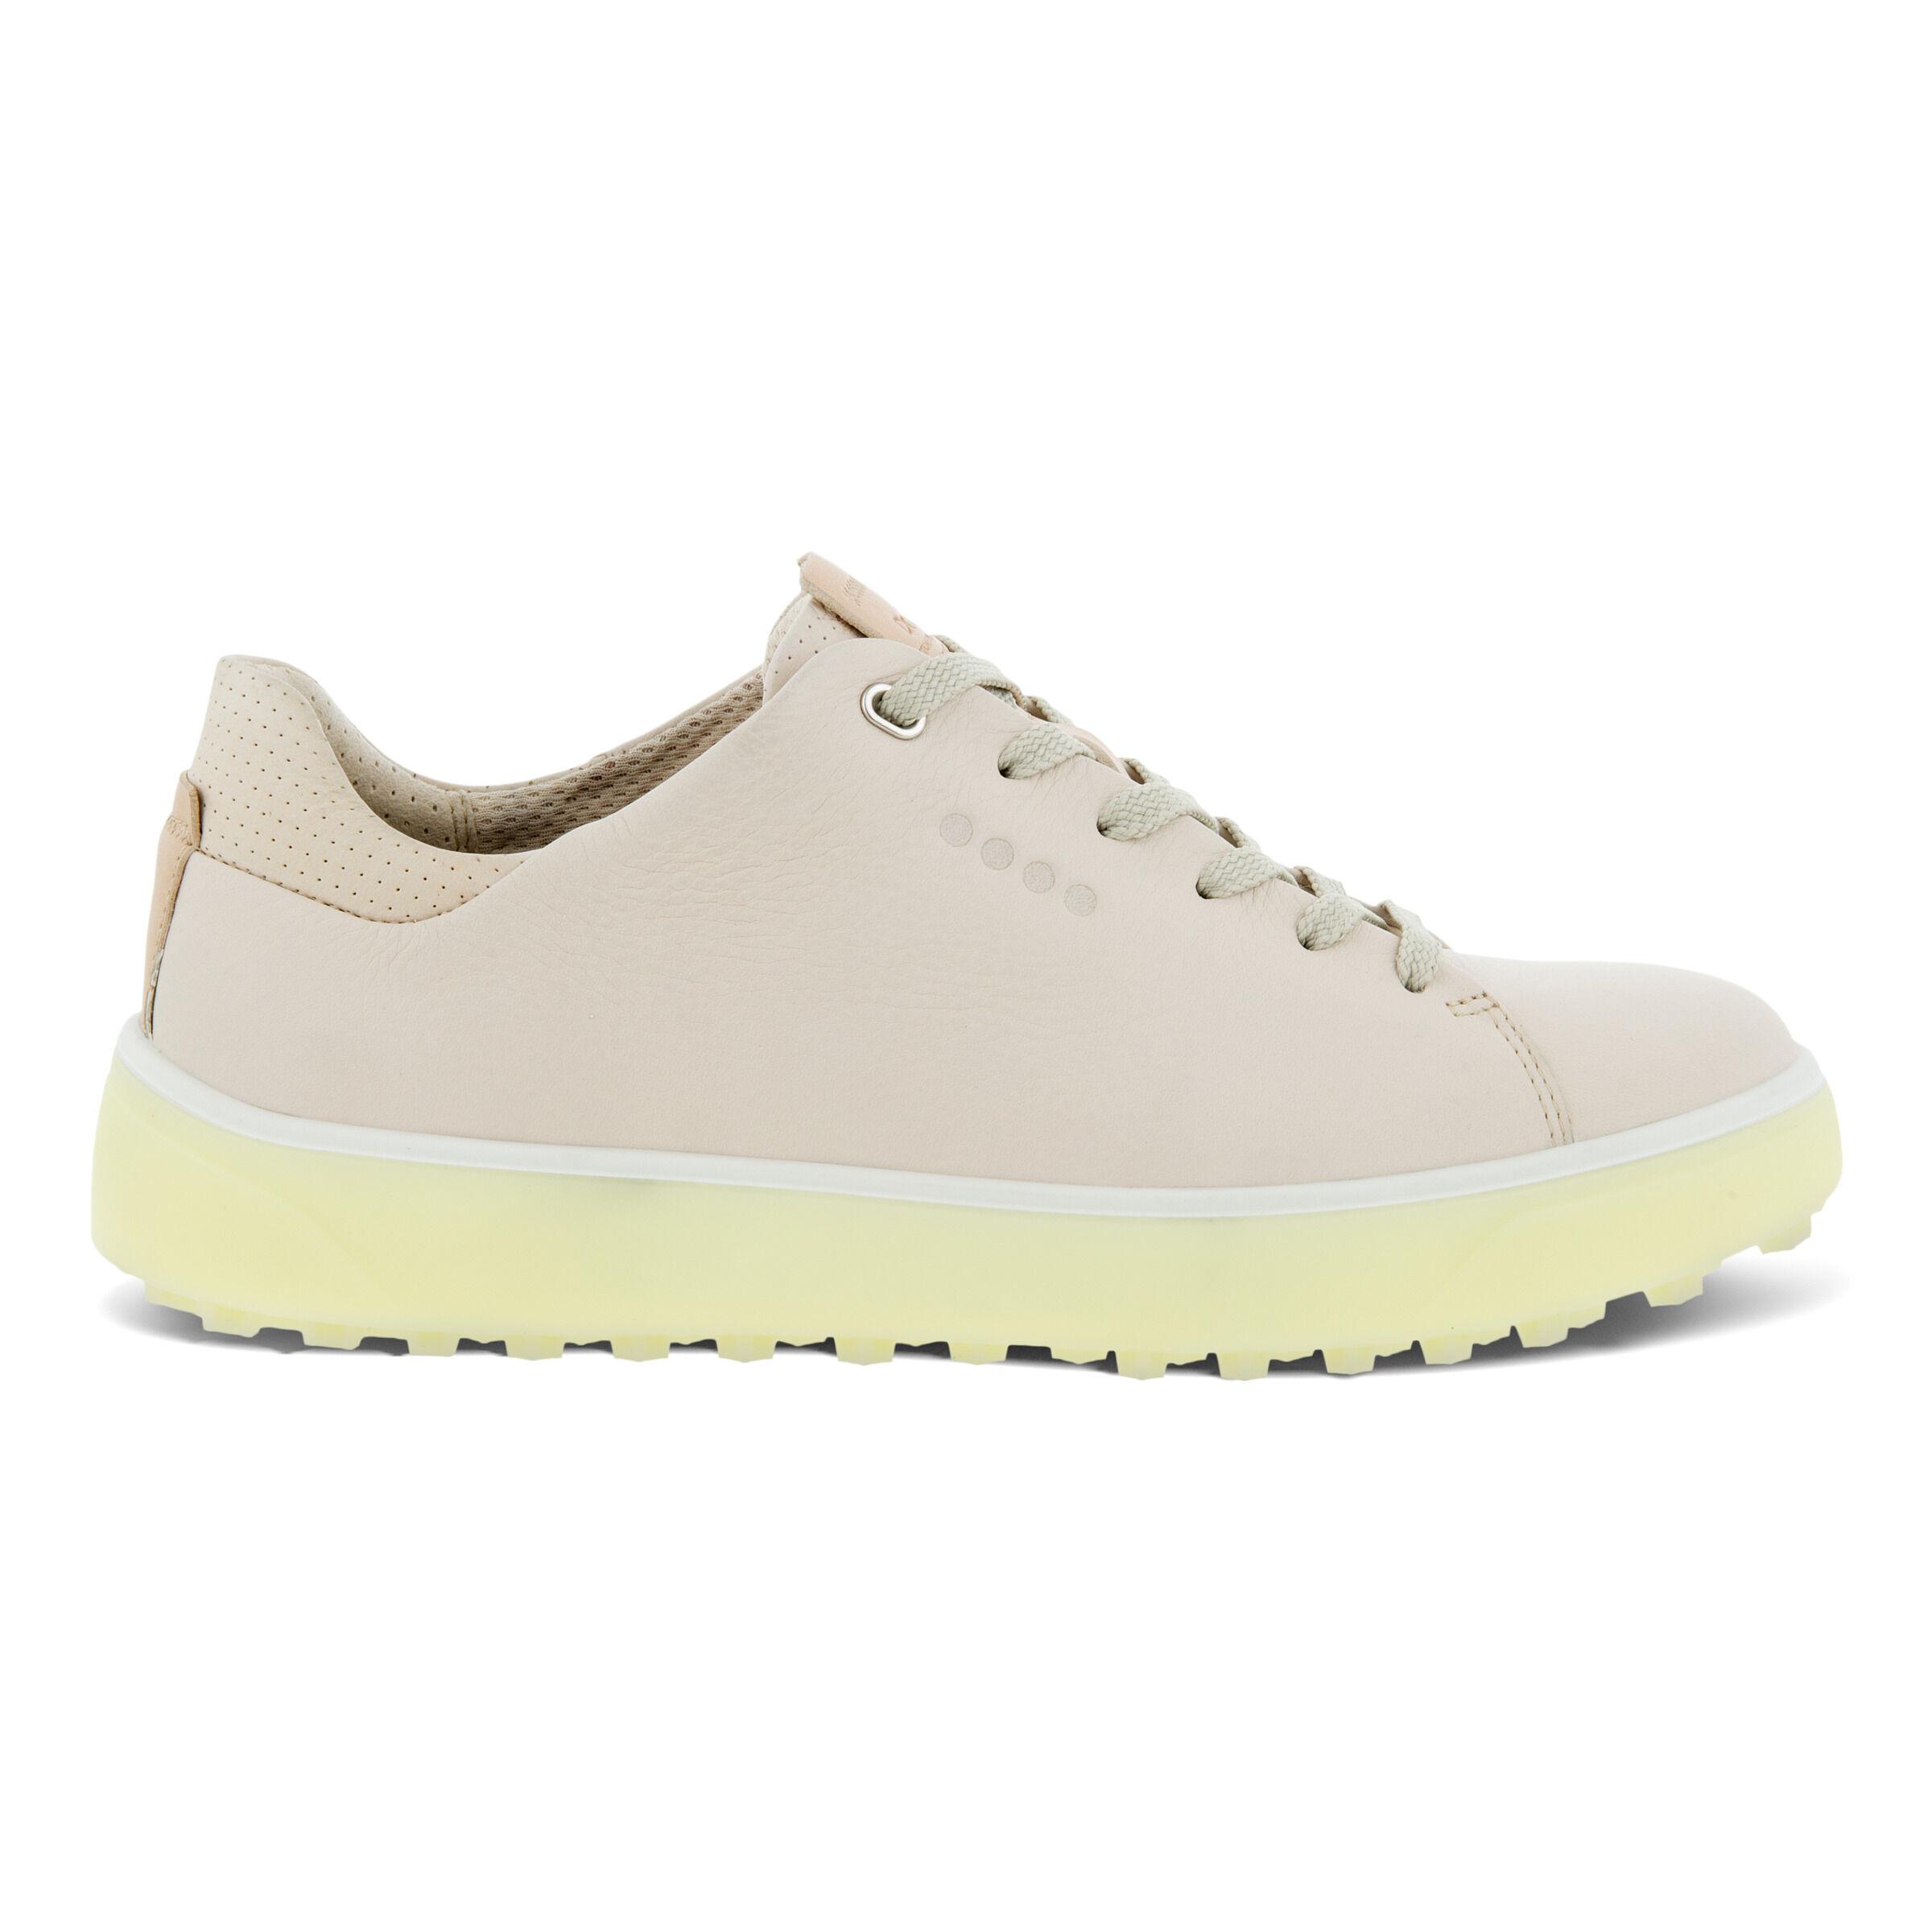 에코 트레이 레이스드 여성 골프화 ECCO Womens GOLF TRAY Laced Shoes,LIMESTONE